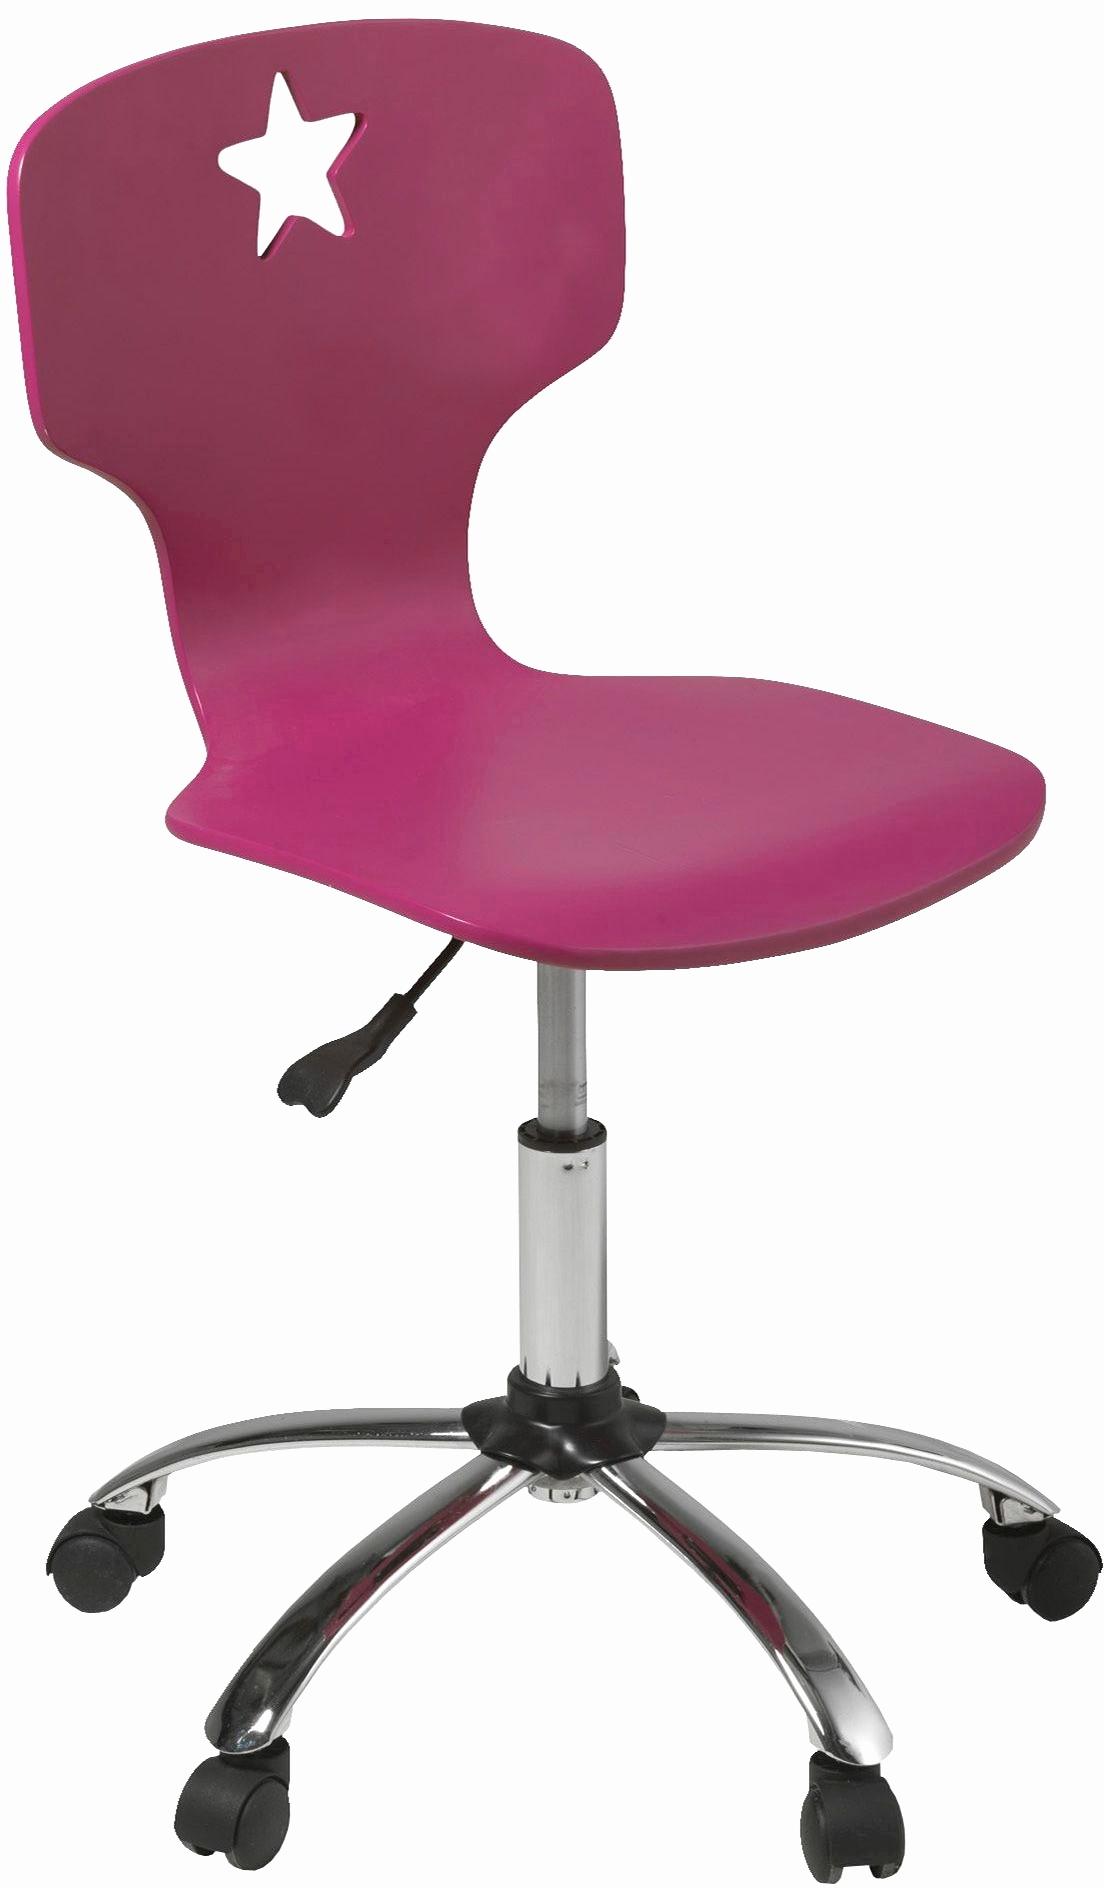 Chaise Transparente but Meilleur De Image Chaise De Bureau Transparente Inspirant Chaise Bureau Transparente